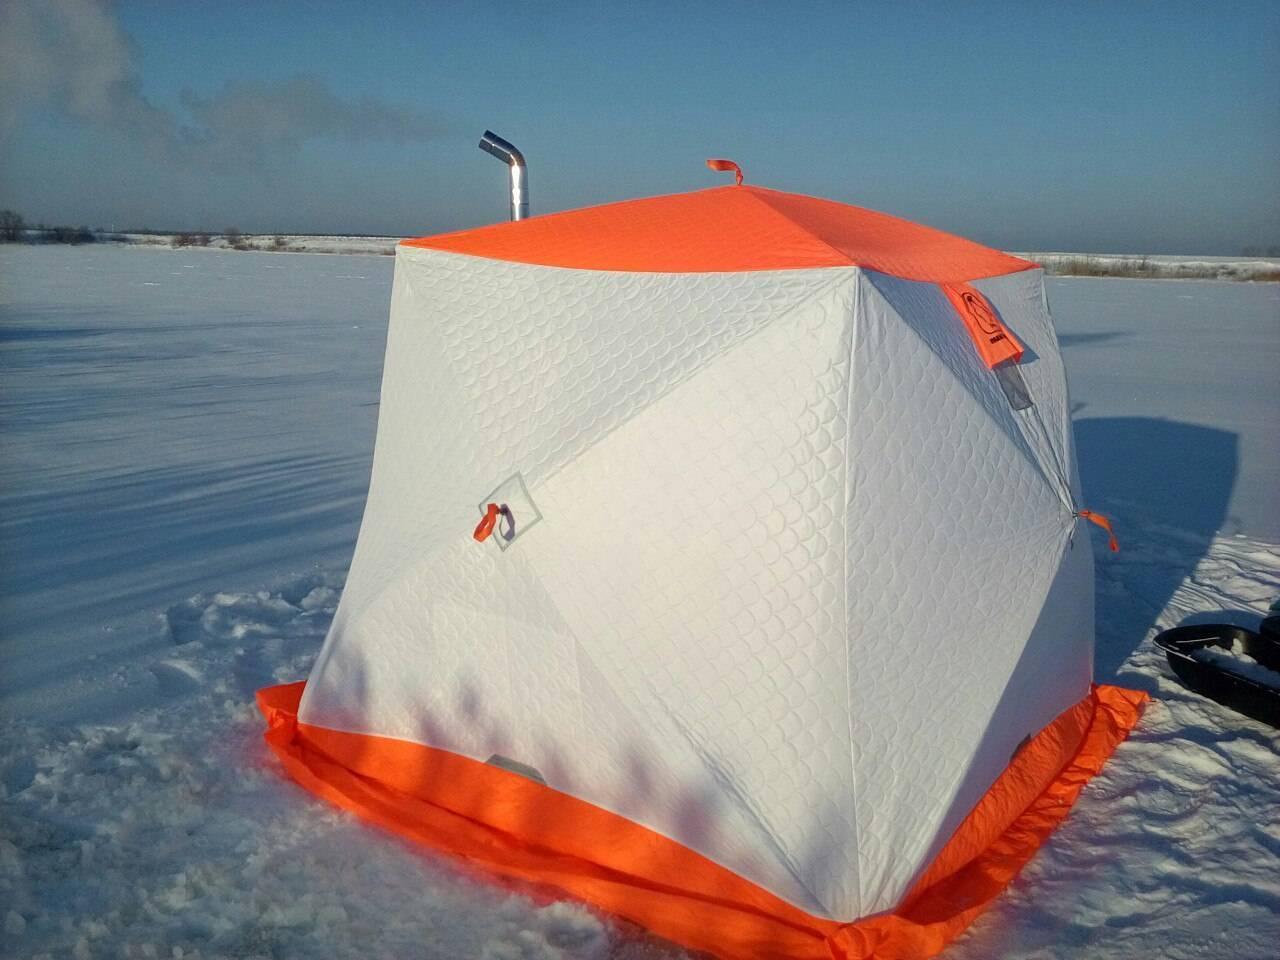 Как организовать обогрев палатки: пошаговая инструкция. палатки с печкой. туристический обогреватель для палатки